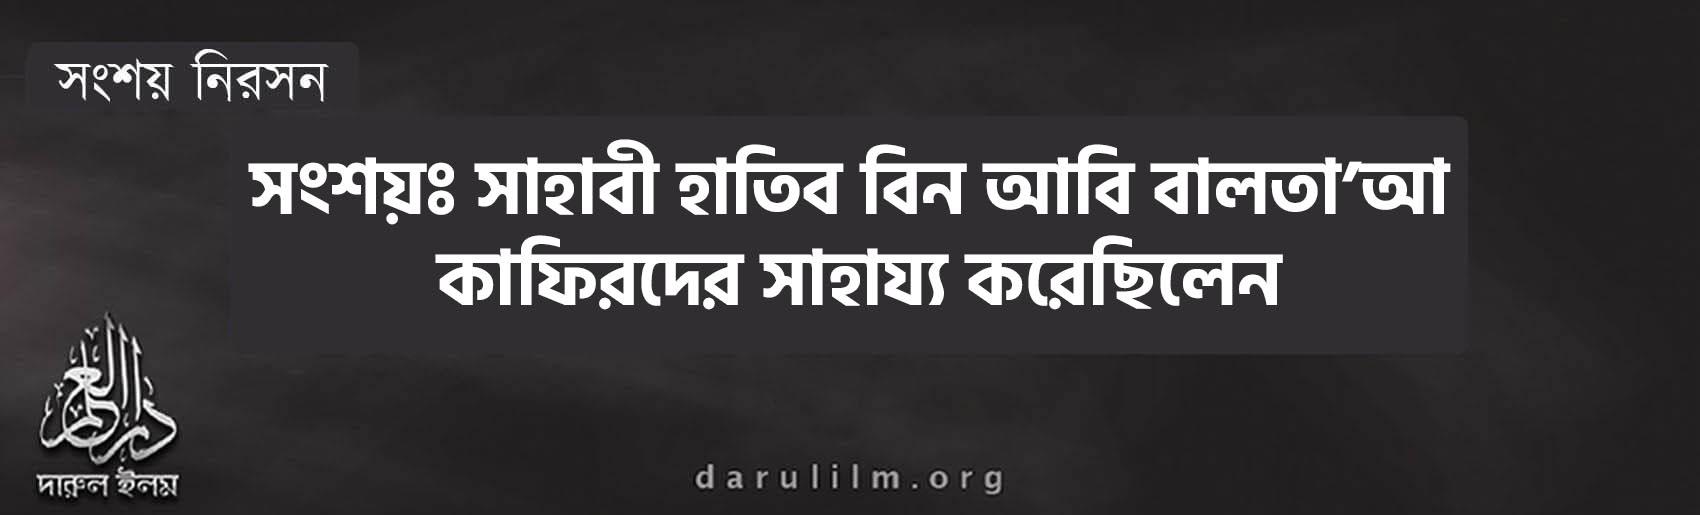 সংশয়ঃ সাহাবী হাতিব বিন আবি বালতা'আ কাফিরদের সাহায্য করেছিলেন